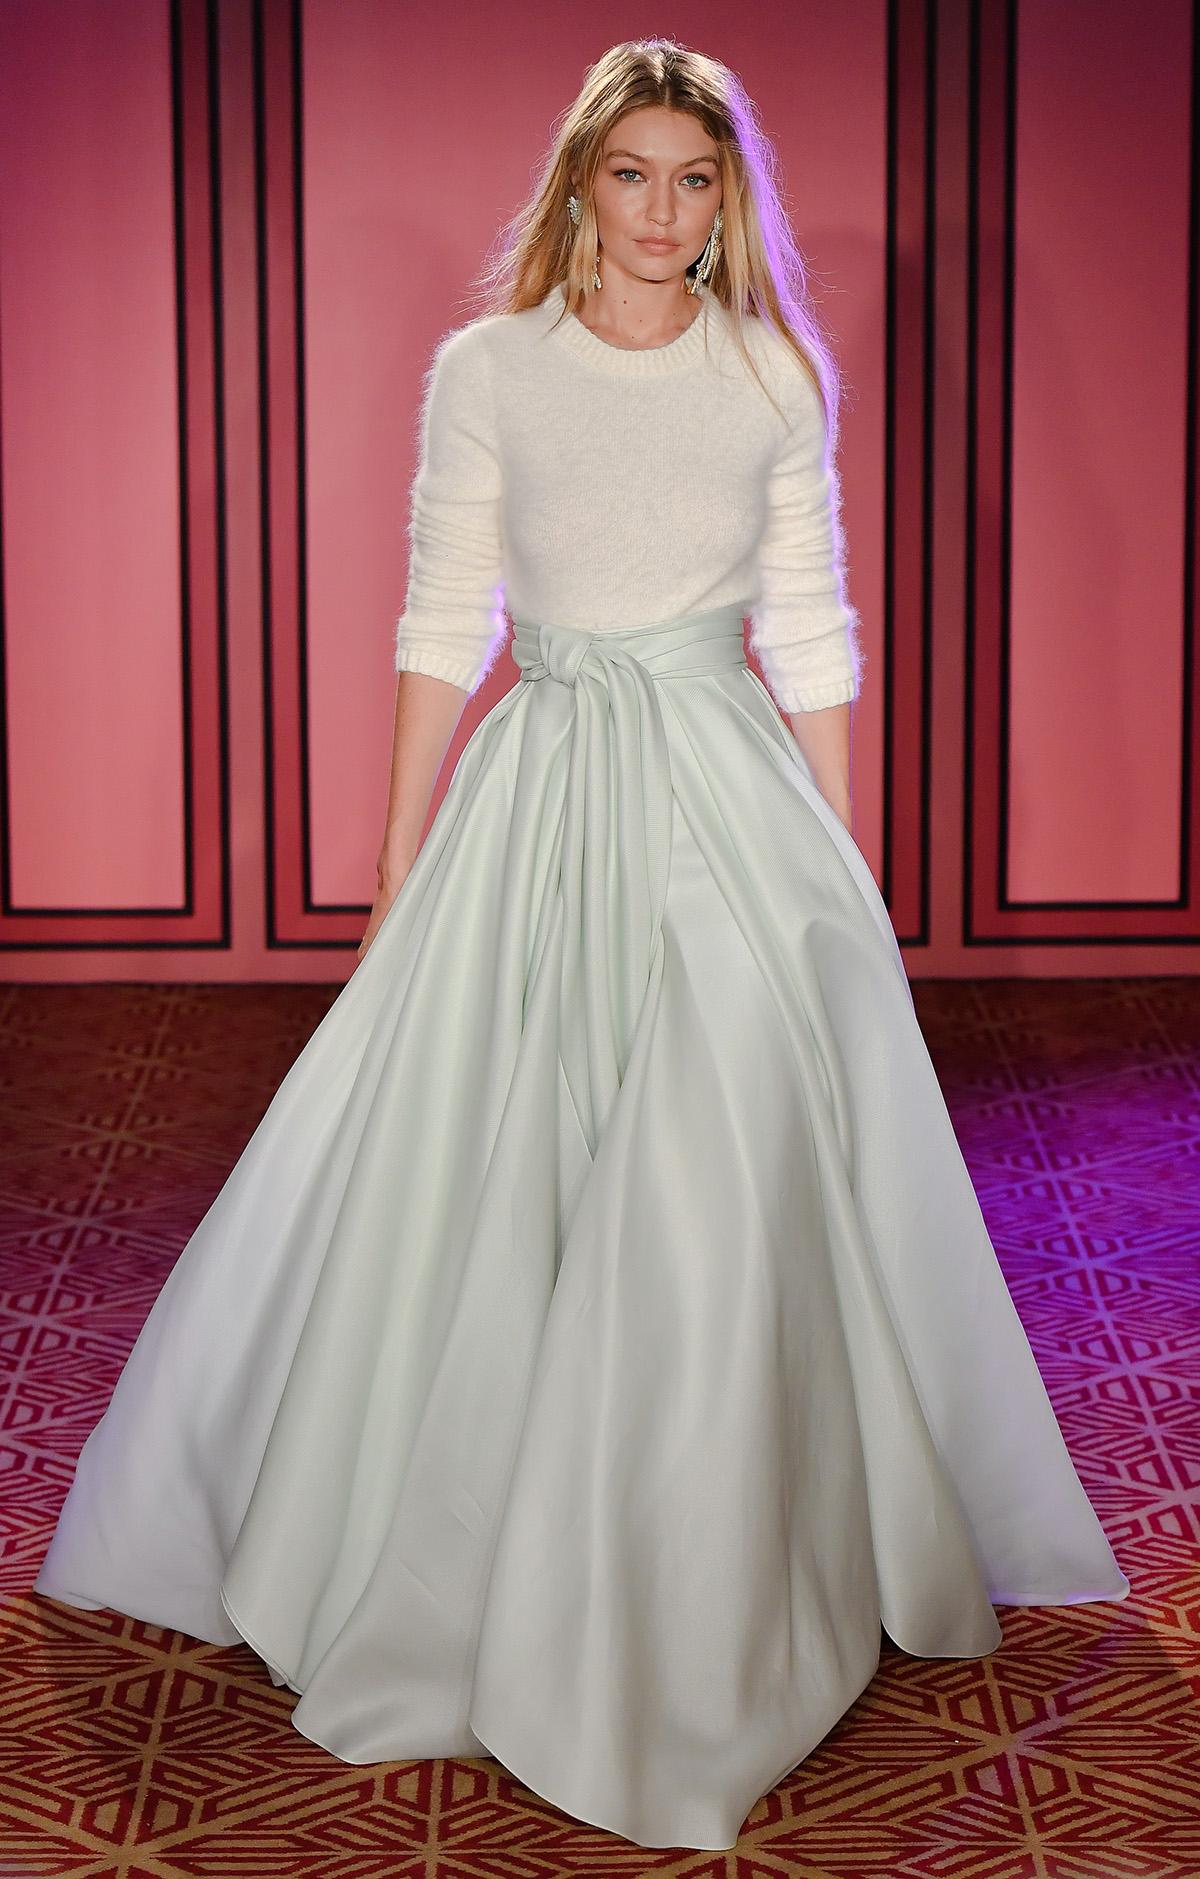 Most Anticipated NYFW Shows I Gigi Hadid walks Brandon Maxwell Runway #NYFW #DesignerFashion #GigiHadiid #BrandonMaxwell